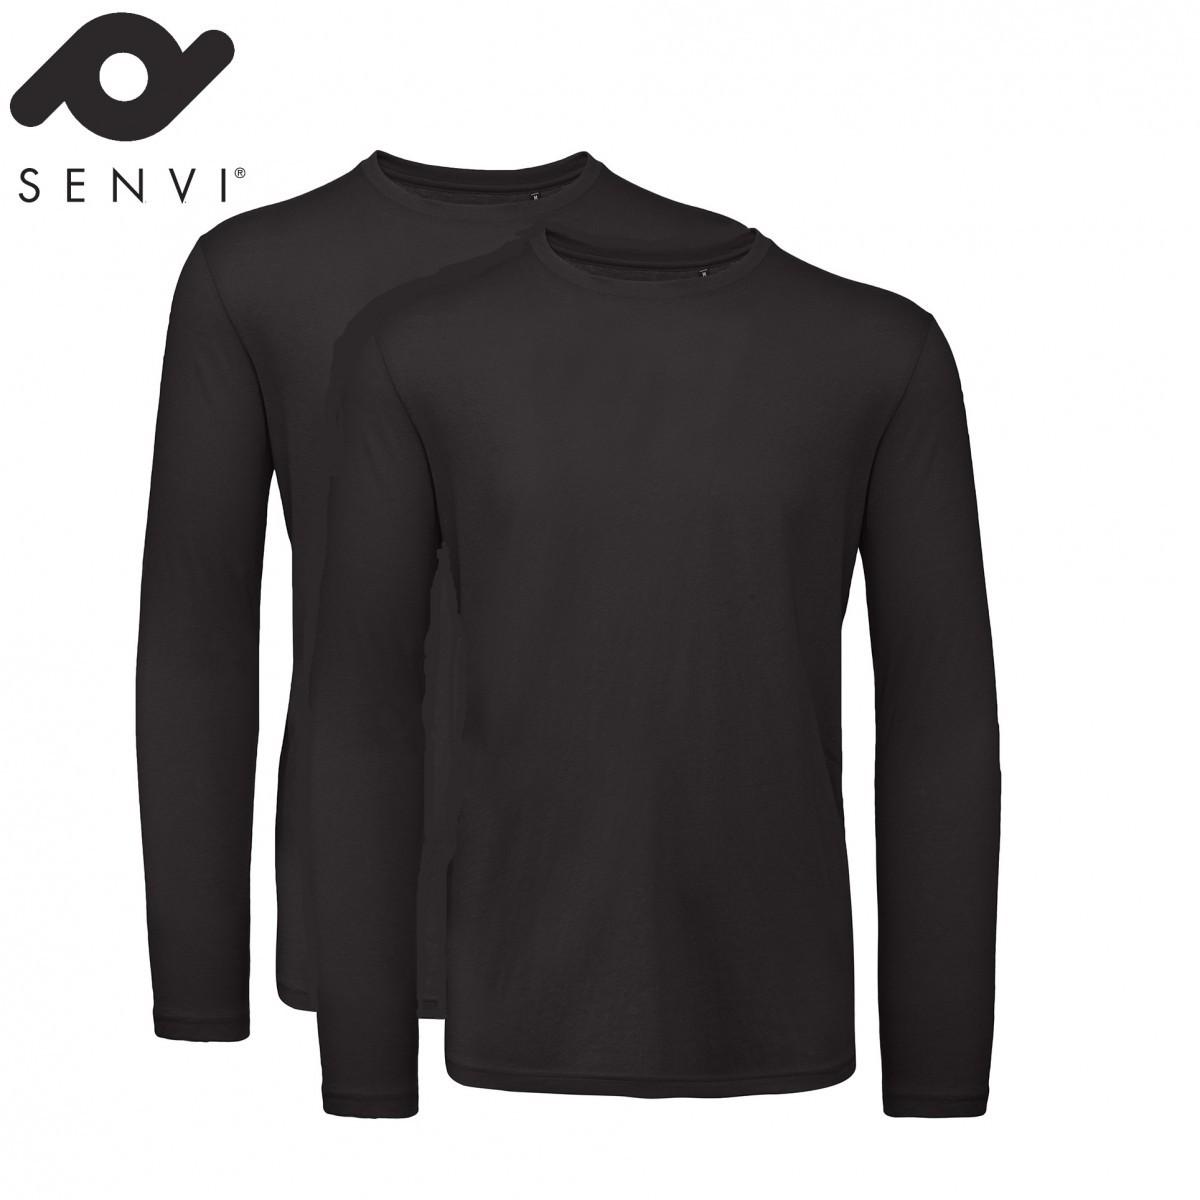 Senvi Basic T-shirt 2 pack  Lange Mouwen Heren Zwart Maat M (organisch katoen)